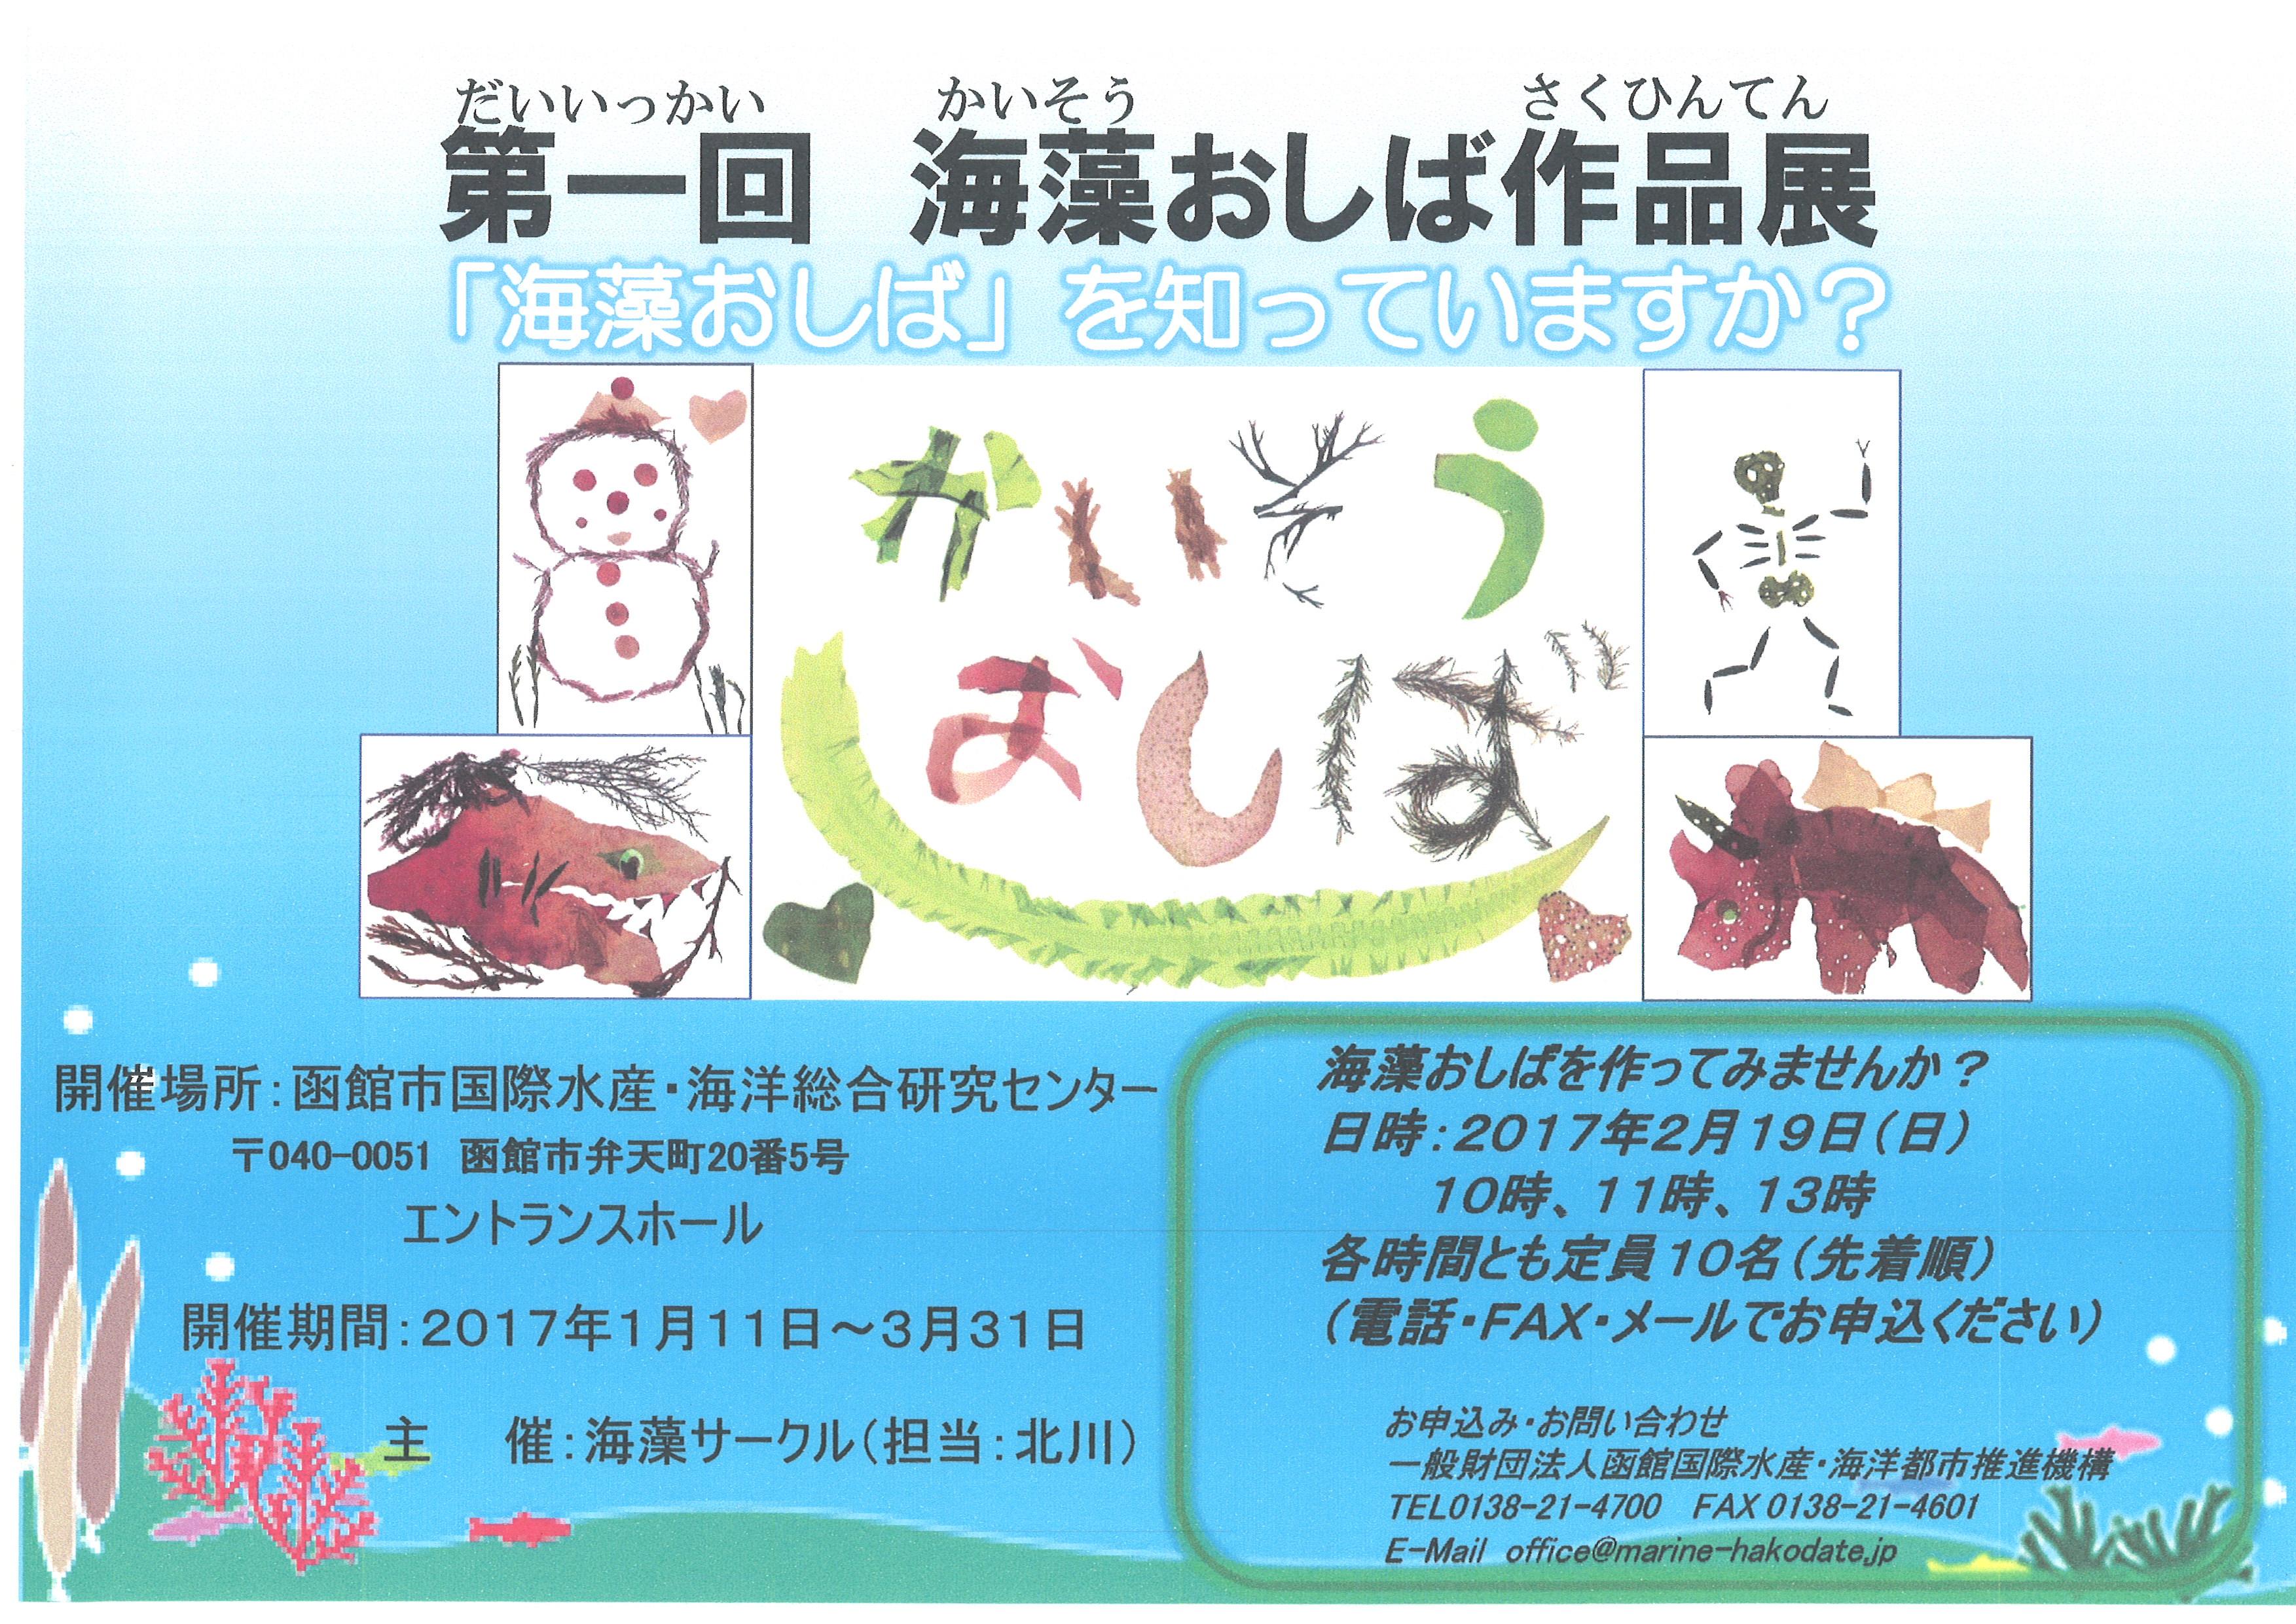 《1Fエントランスホール》第1回海藻おしば作品展を開催(1/11~3/31)